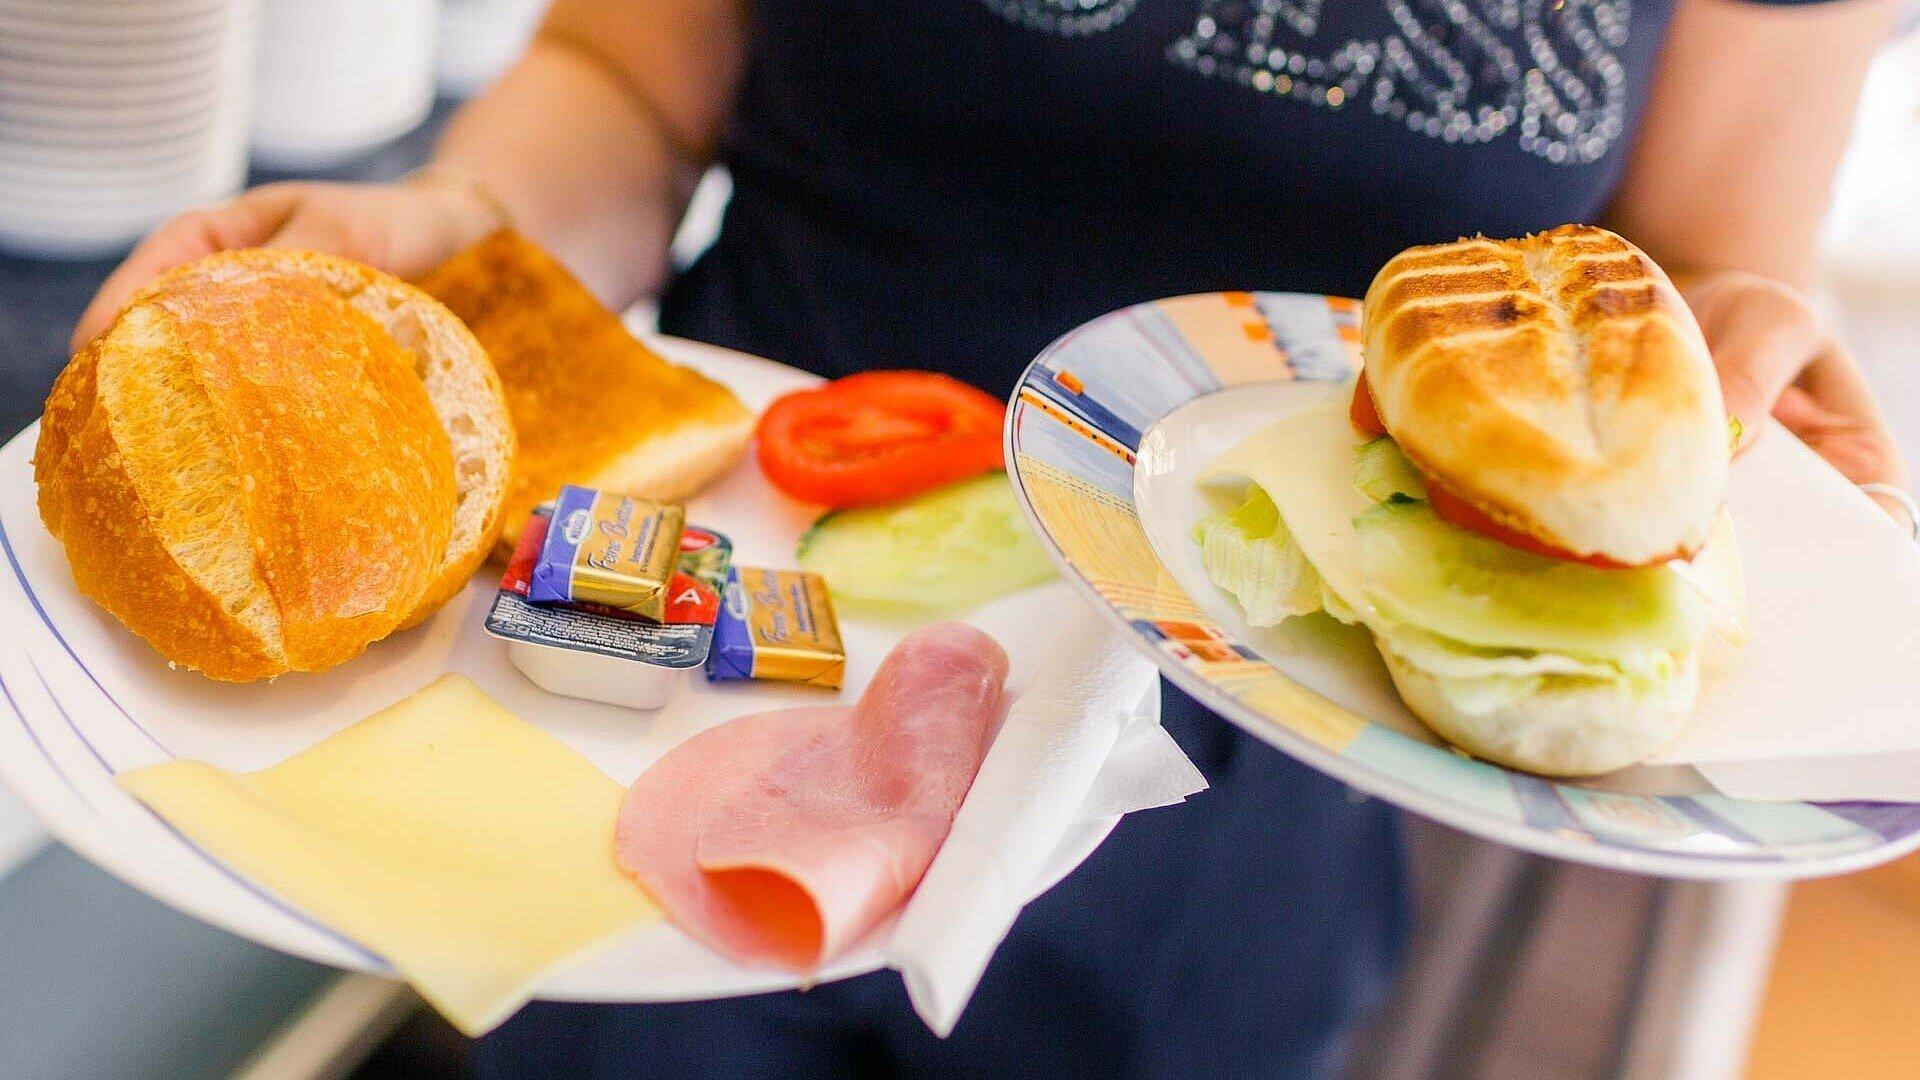 """Frühstücksteller im Eiscafé """"Orchidea"""" in Zollstock"""